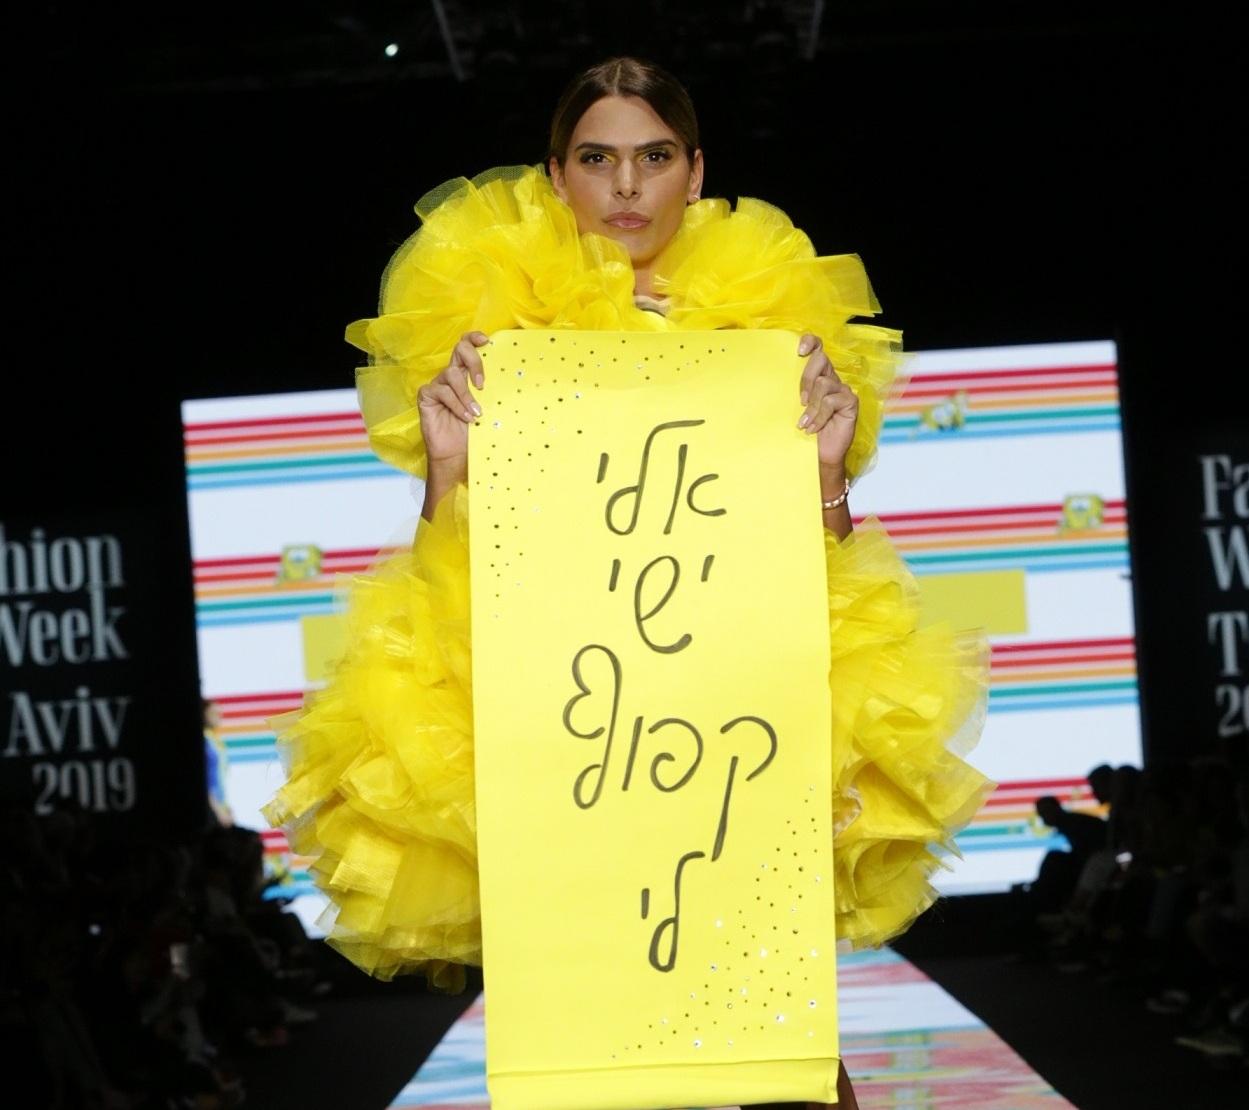 """בל אגם, בתצוגת """"בוב ספוג"""" עם דגם בעיצוב דרור קונטנטו, עונה לקמפיין של אלי ישי"""